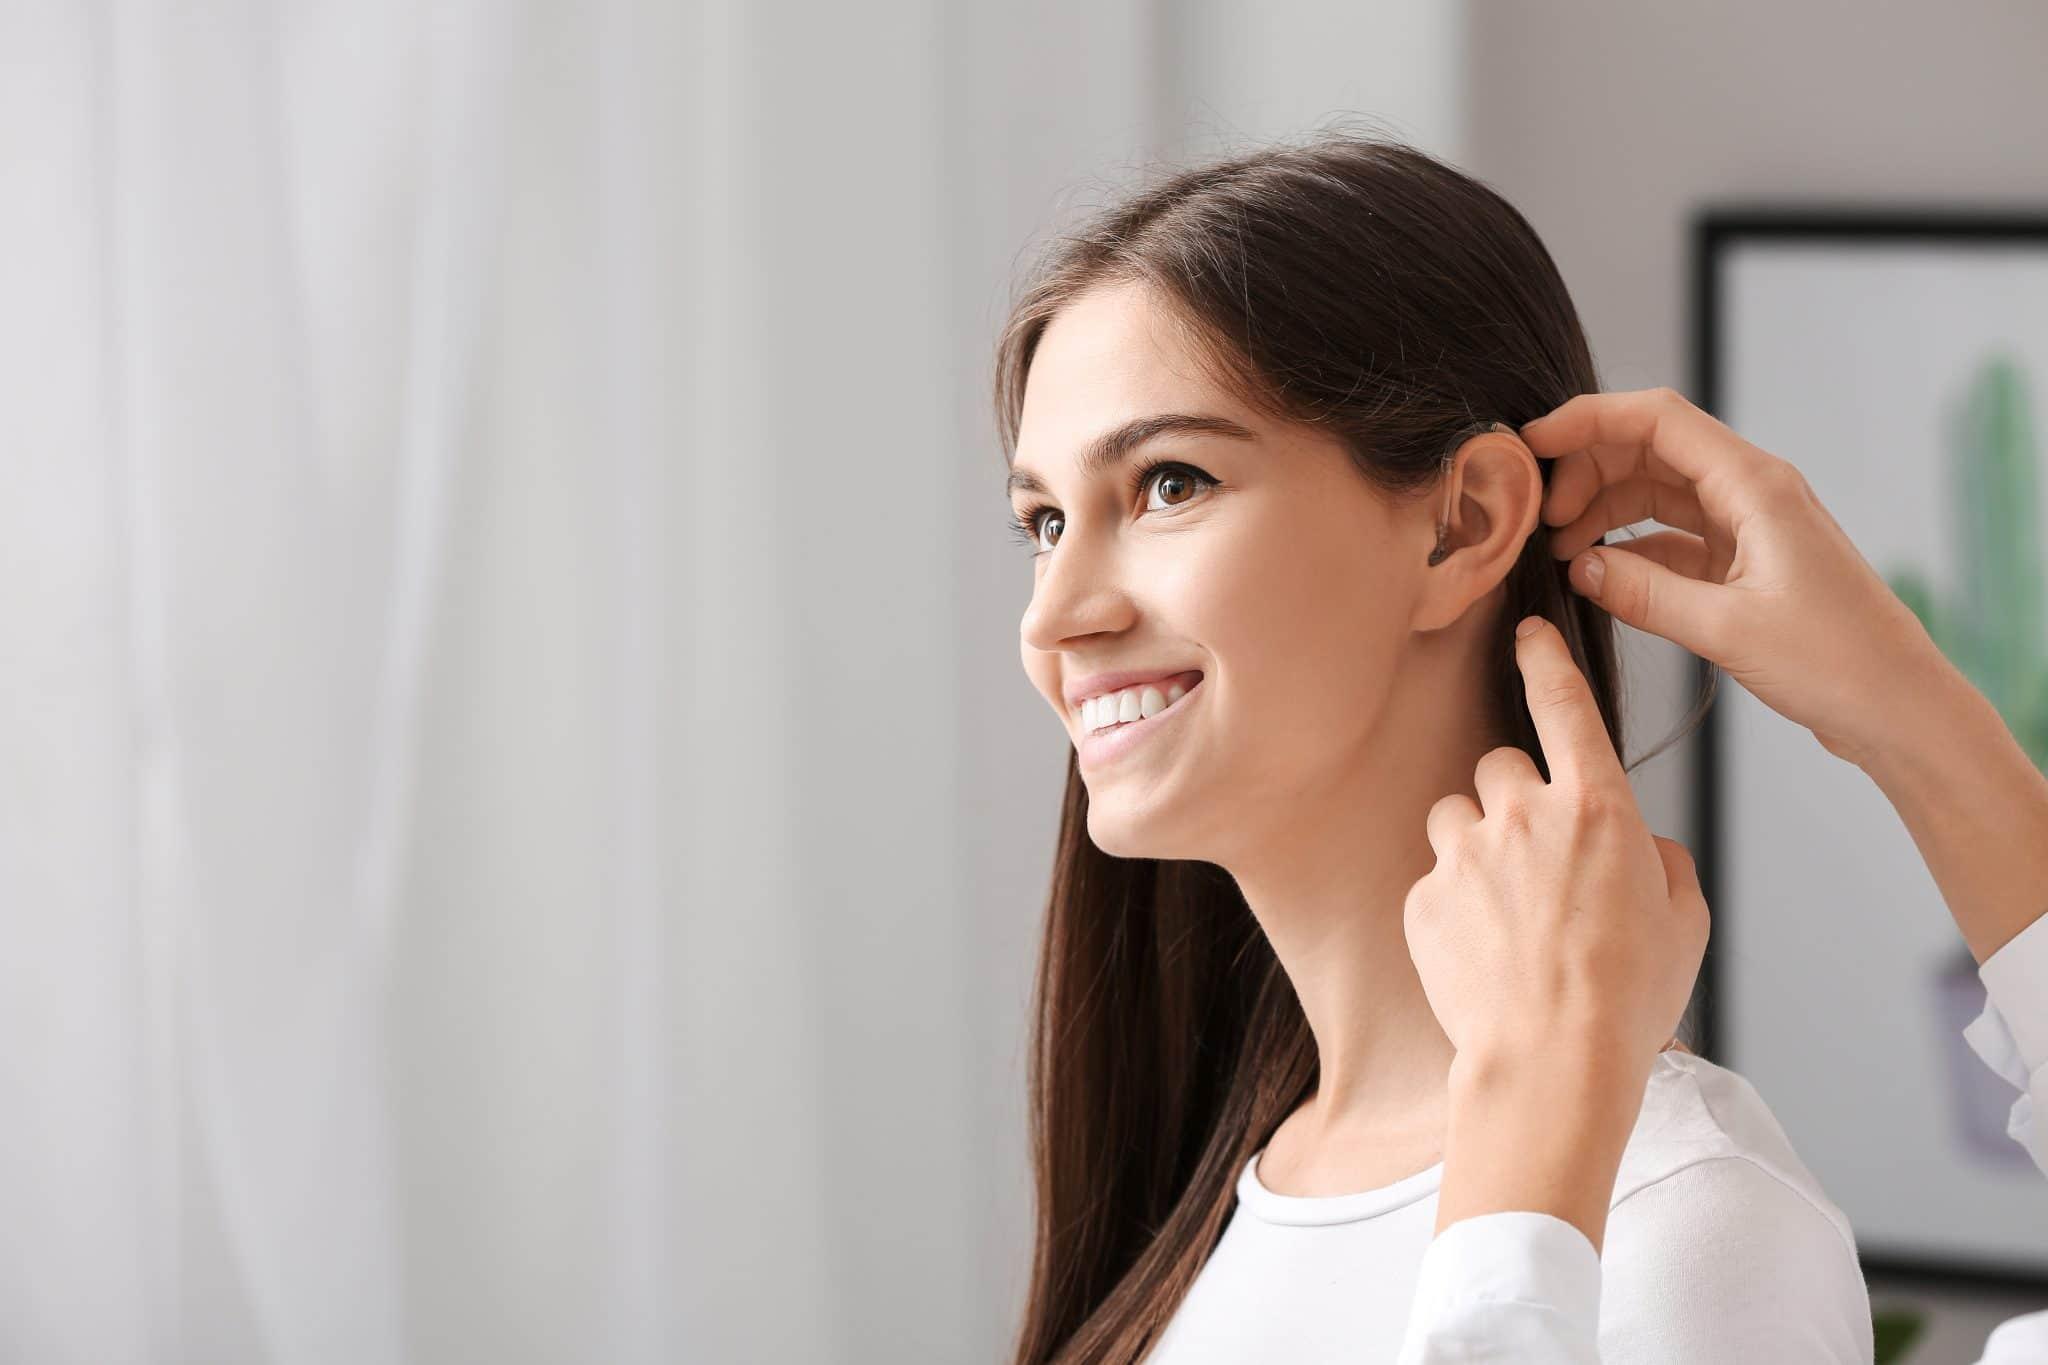 Trouble auditif : des symptômes à ne pas négliger